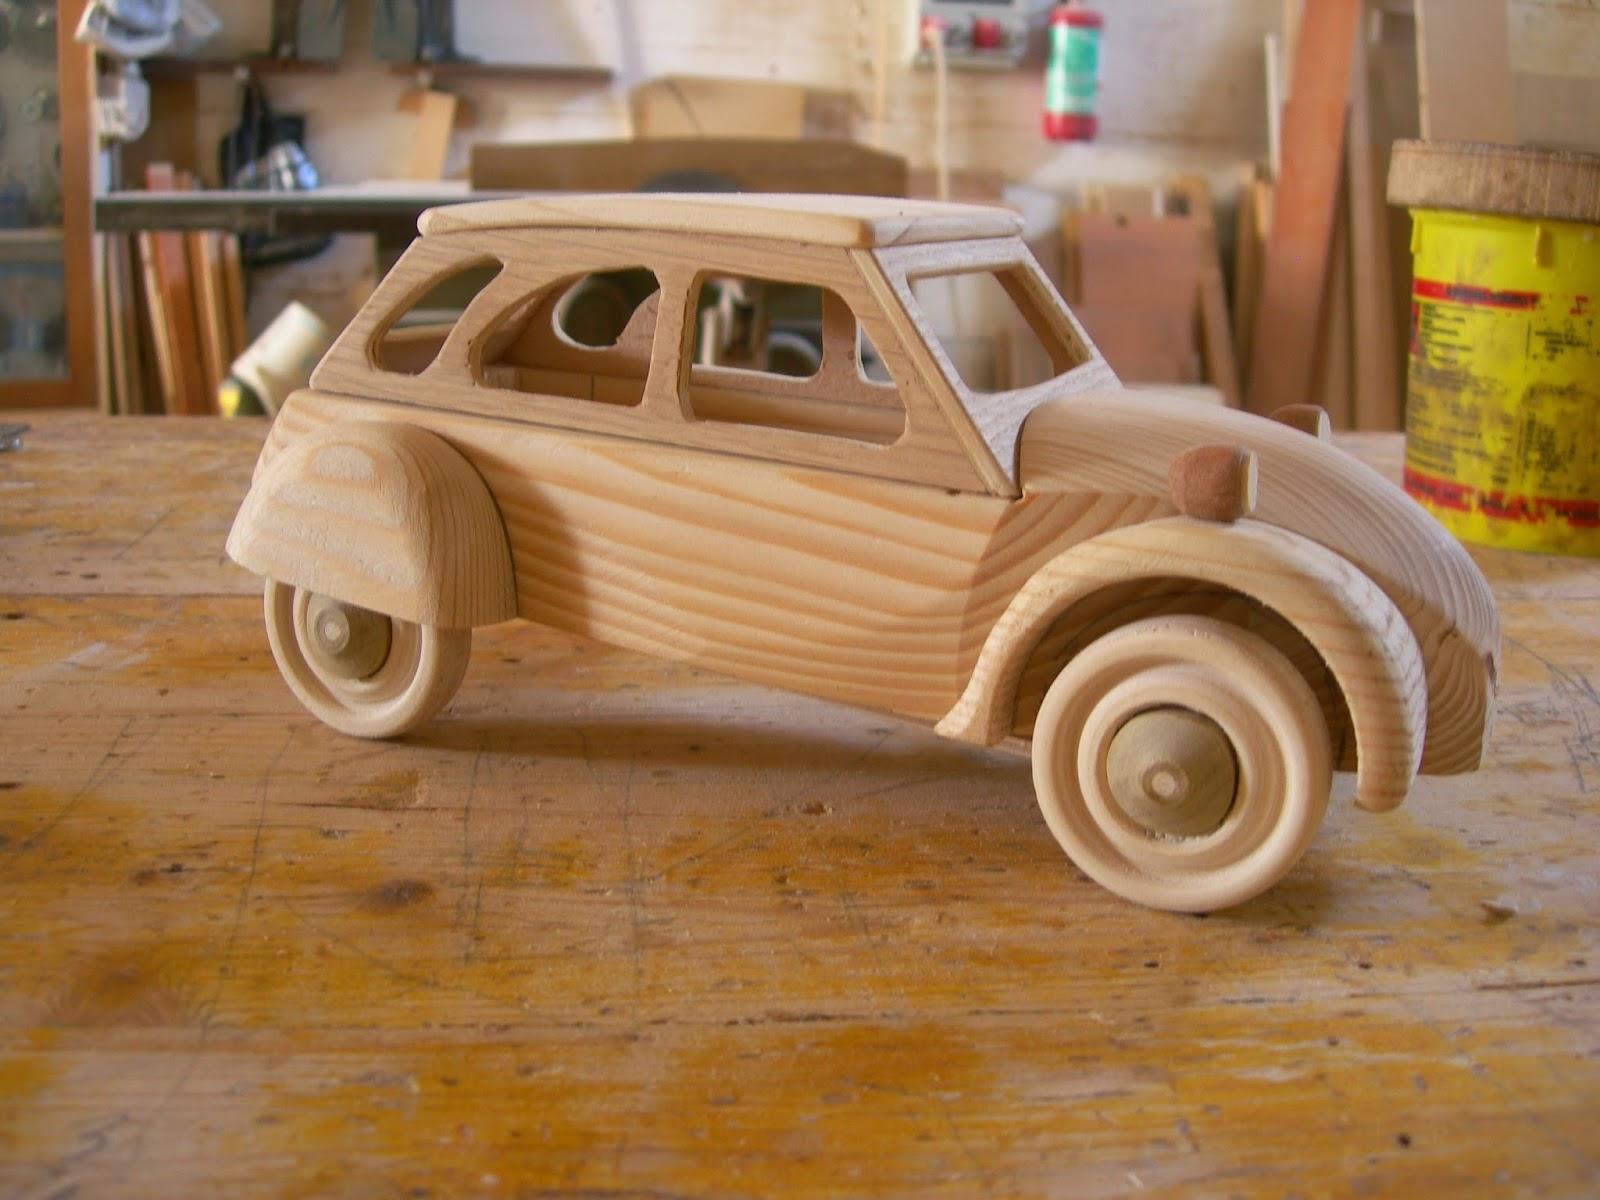 Artigianato fai da te made in italy legno metalli e for Piccoli oggetti in legno fai da te